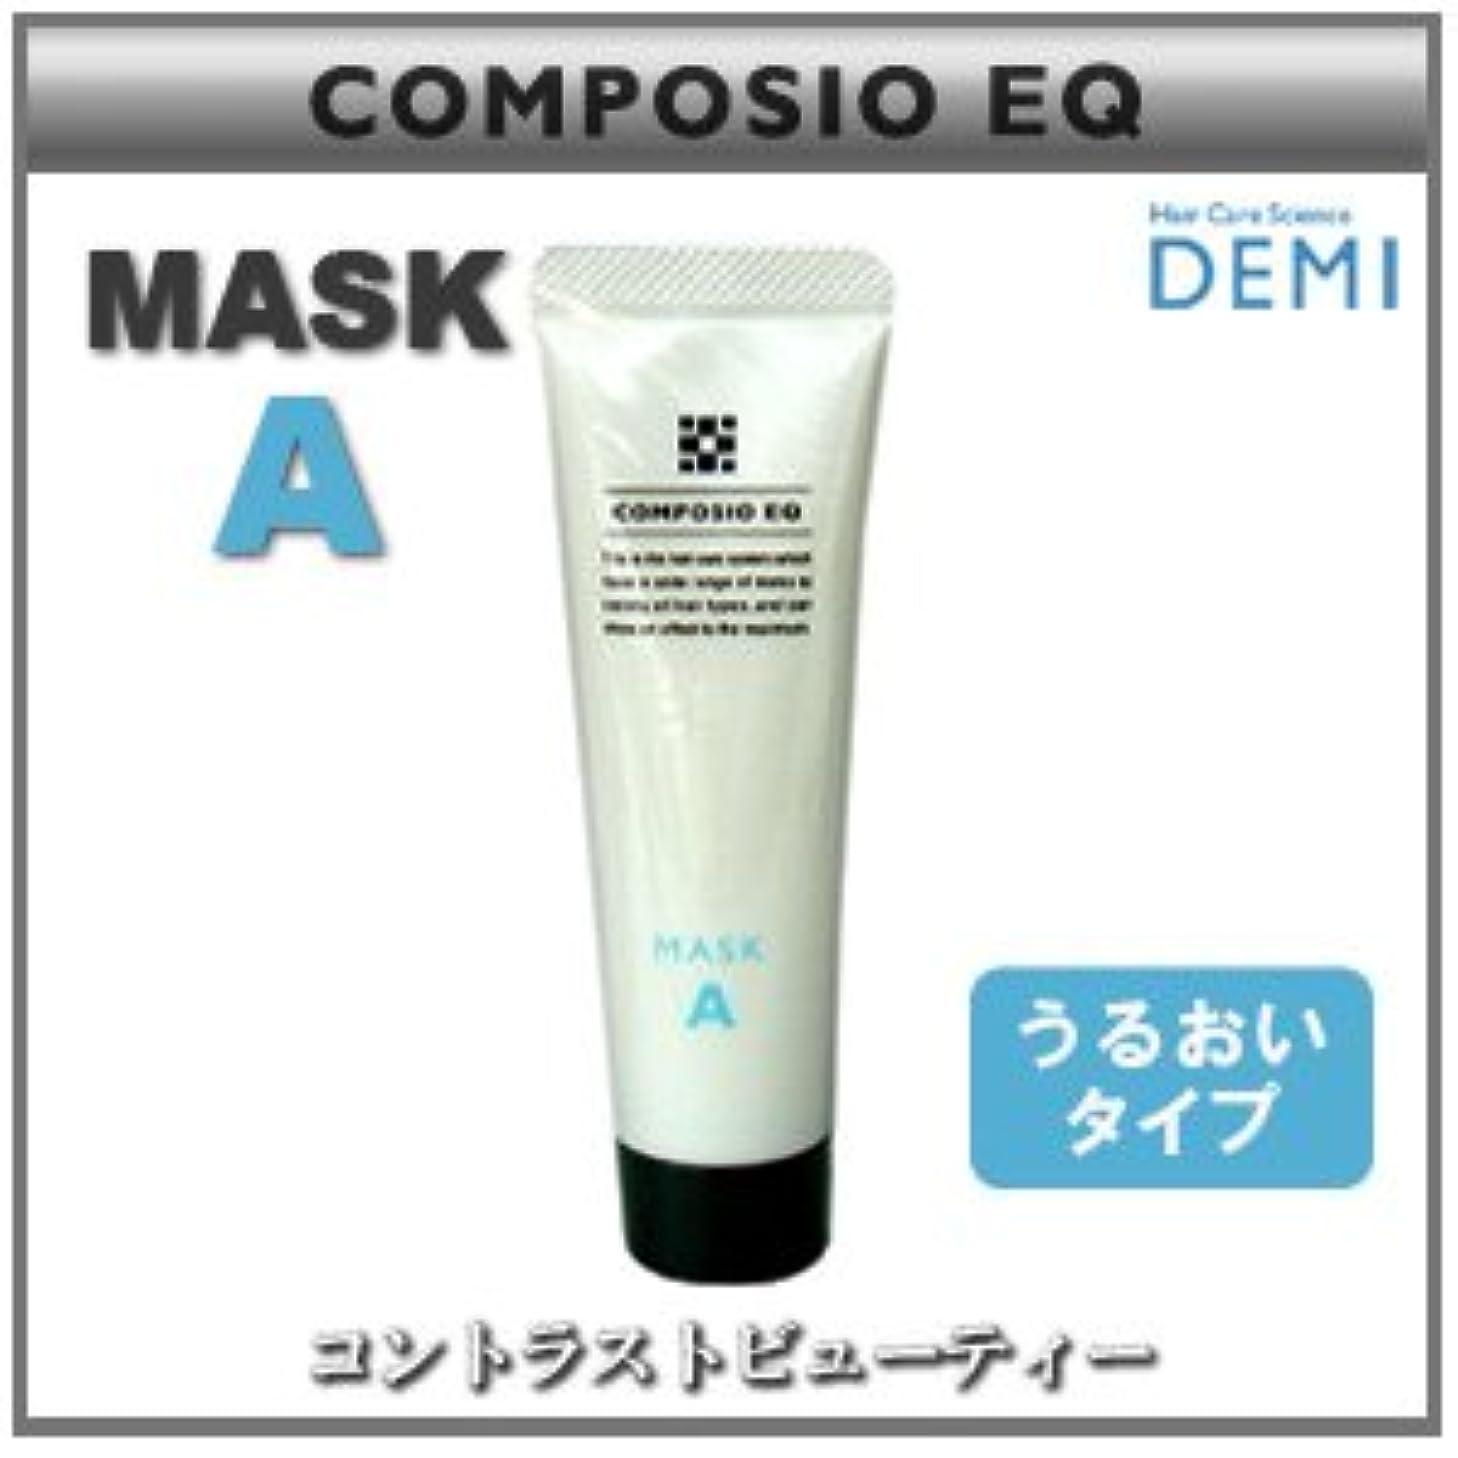 語好みしがみつく【X5個セット】 デミ コンポジオ EQ マスク A 50g